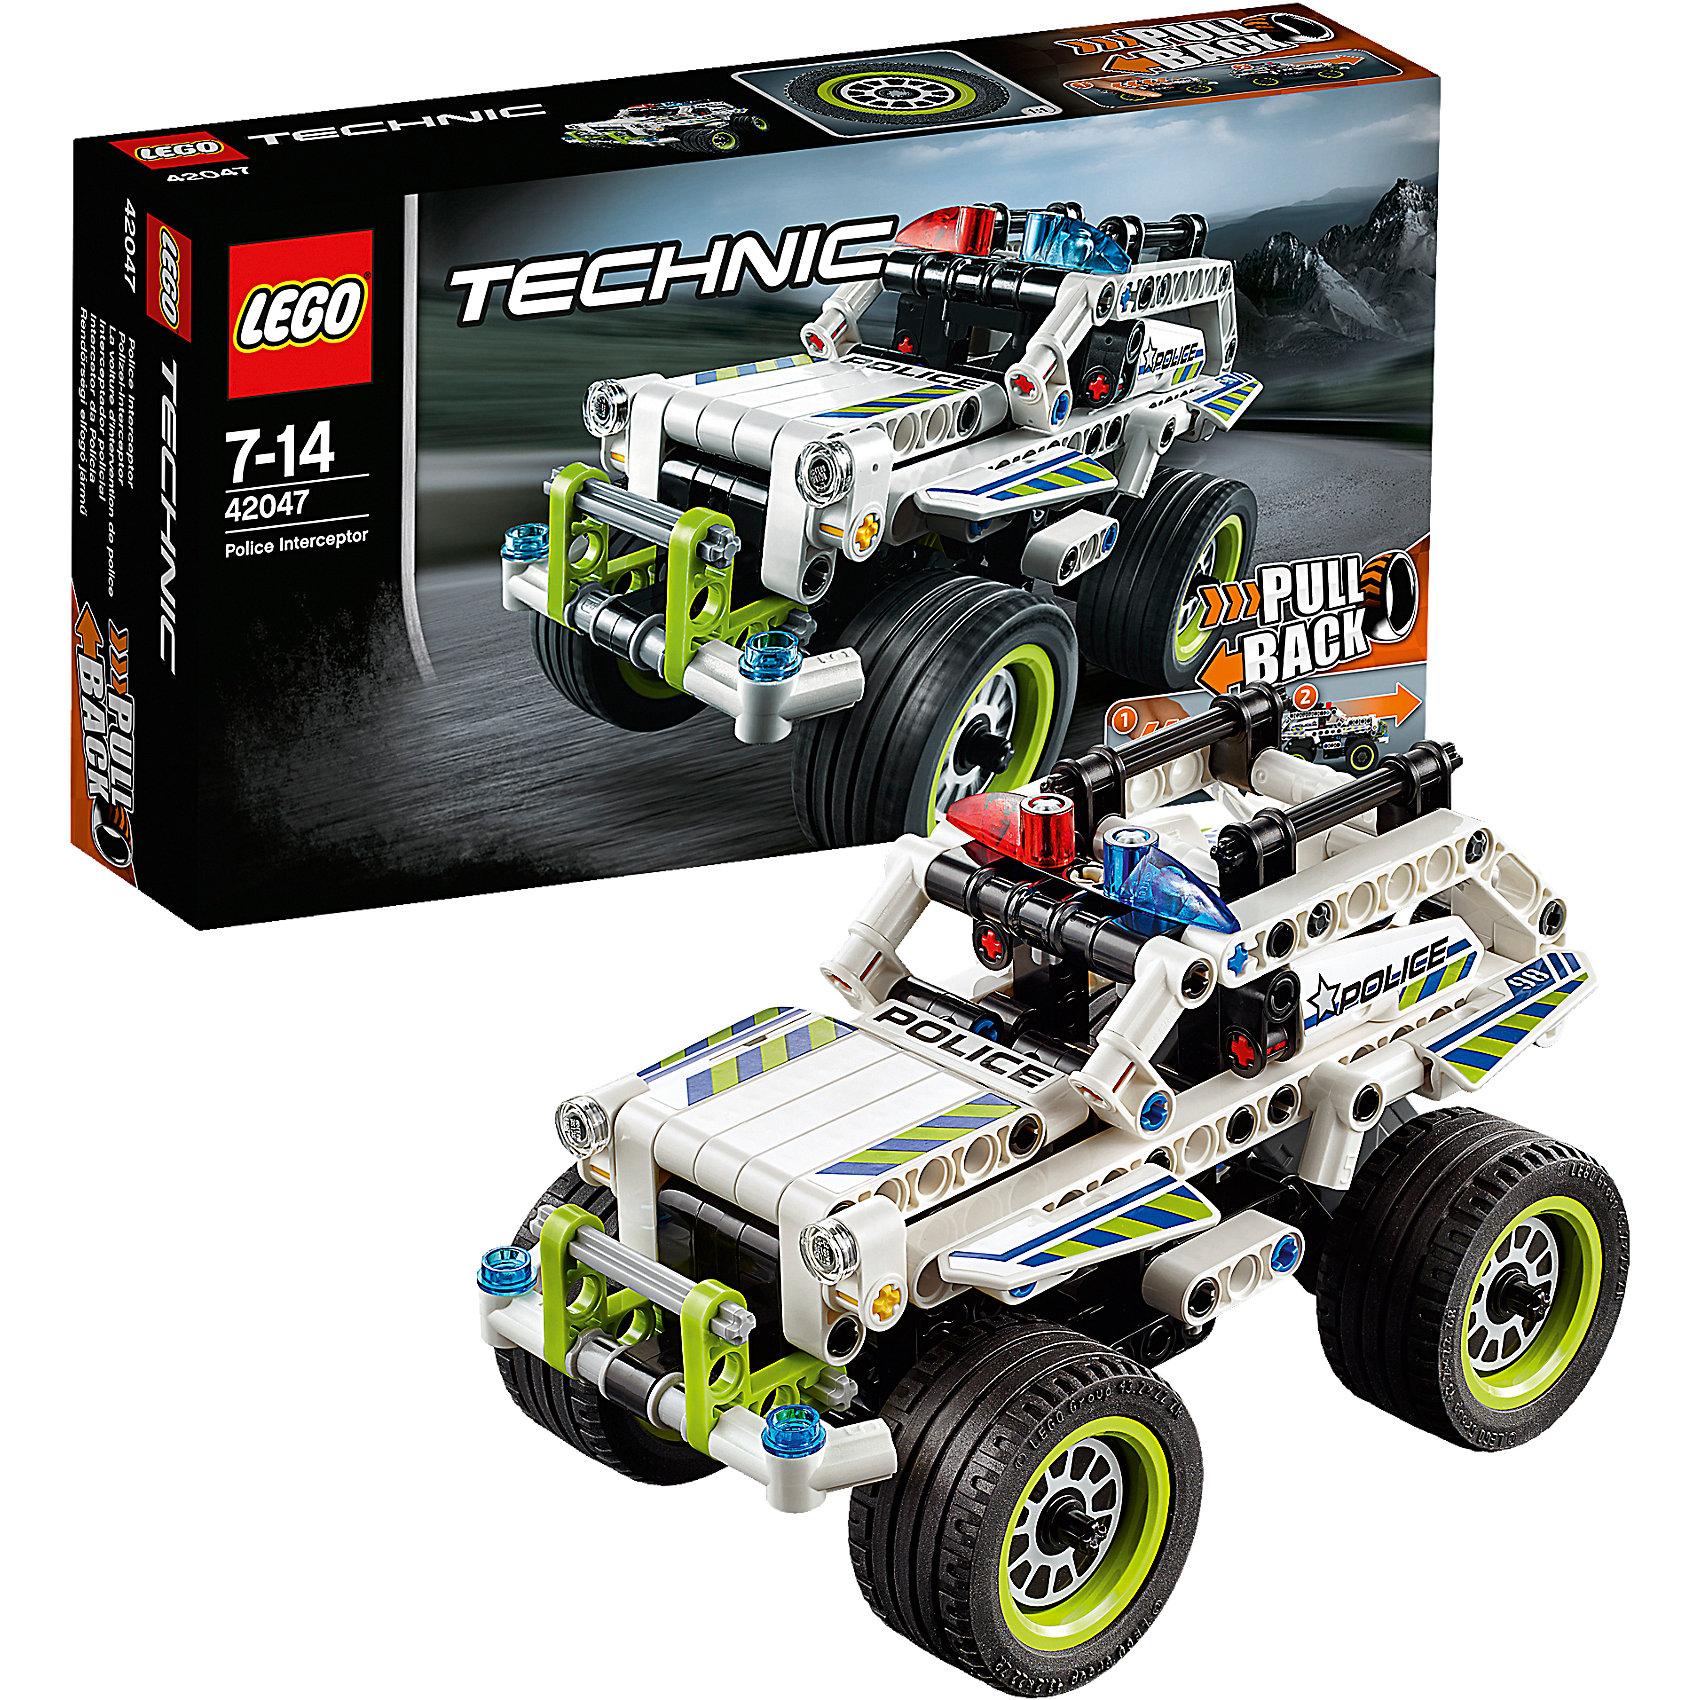 LEGO Technic 42047: Полицейский патрульУскоряйся с головокружительной скоростью на этой удивительной модели, имеющей огромные экстра-широкие колесные диски с низкопрофильными шинами, красные и синие проблесковые полицейские маячки и тяжелый дополнительный бампер. Активируй мощный инерционный двигатель, чтобы запустить эту полноприводную полицейскую машину! Объедини с моделью Гоночный автомобиль для побега (42046) с инерционным двигателем, чтобы придумать ещё больше приключений на огромной скорости!<br><br>LEGO Technic  (Лего Техник) - серия конструкторов, позволяющая собрать функциональные, подробные, прекрасно детализированные, имеющие множество подвижных узлов, транспортные средства. В этой серии найдется техника на любой вкус: тракторы и экскаваторы, внедорожники и квадроциклы, самосвалы и гоночные автомобили. Даже самые простые из конструкторов lego technic дают вашему ребенку представление о том, как устроены машины, помогают развить моторику, мышление и умение работать по инструкции. <br><br>Дополнительная информация:<br><br>- Конструкторы ЛЕГО развивают усидчивость, внимание, фантазию и мелкую моторику. <br>- Комплектация: автомобиль.<br>- Количество деталей: 185<br>- Серия LEGO Technic  (Лего Техник).<br>- Материал: пластик.<br>- Размер упаковки: 26х6х14 см.<br>- Вес: 0.3 кг.<br><br>LEGO Technic 42047: Полицейский патруль можно купить в нашем магазине.<br><br>Ширина мм: 265<br>Глубина мм: 142<br>Высота мм: 63<br>Вес г: 323<br>Возраст от месяцев: 84<br>Возраст до месяцев: 168<br>Пол: Мужской<br>Возраст: Детский<br>SKU: 4259020